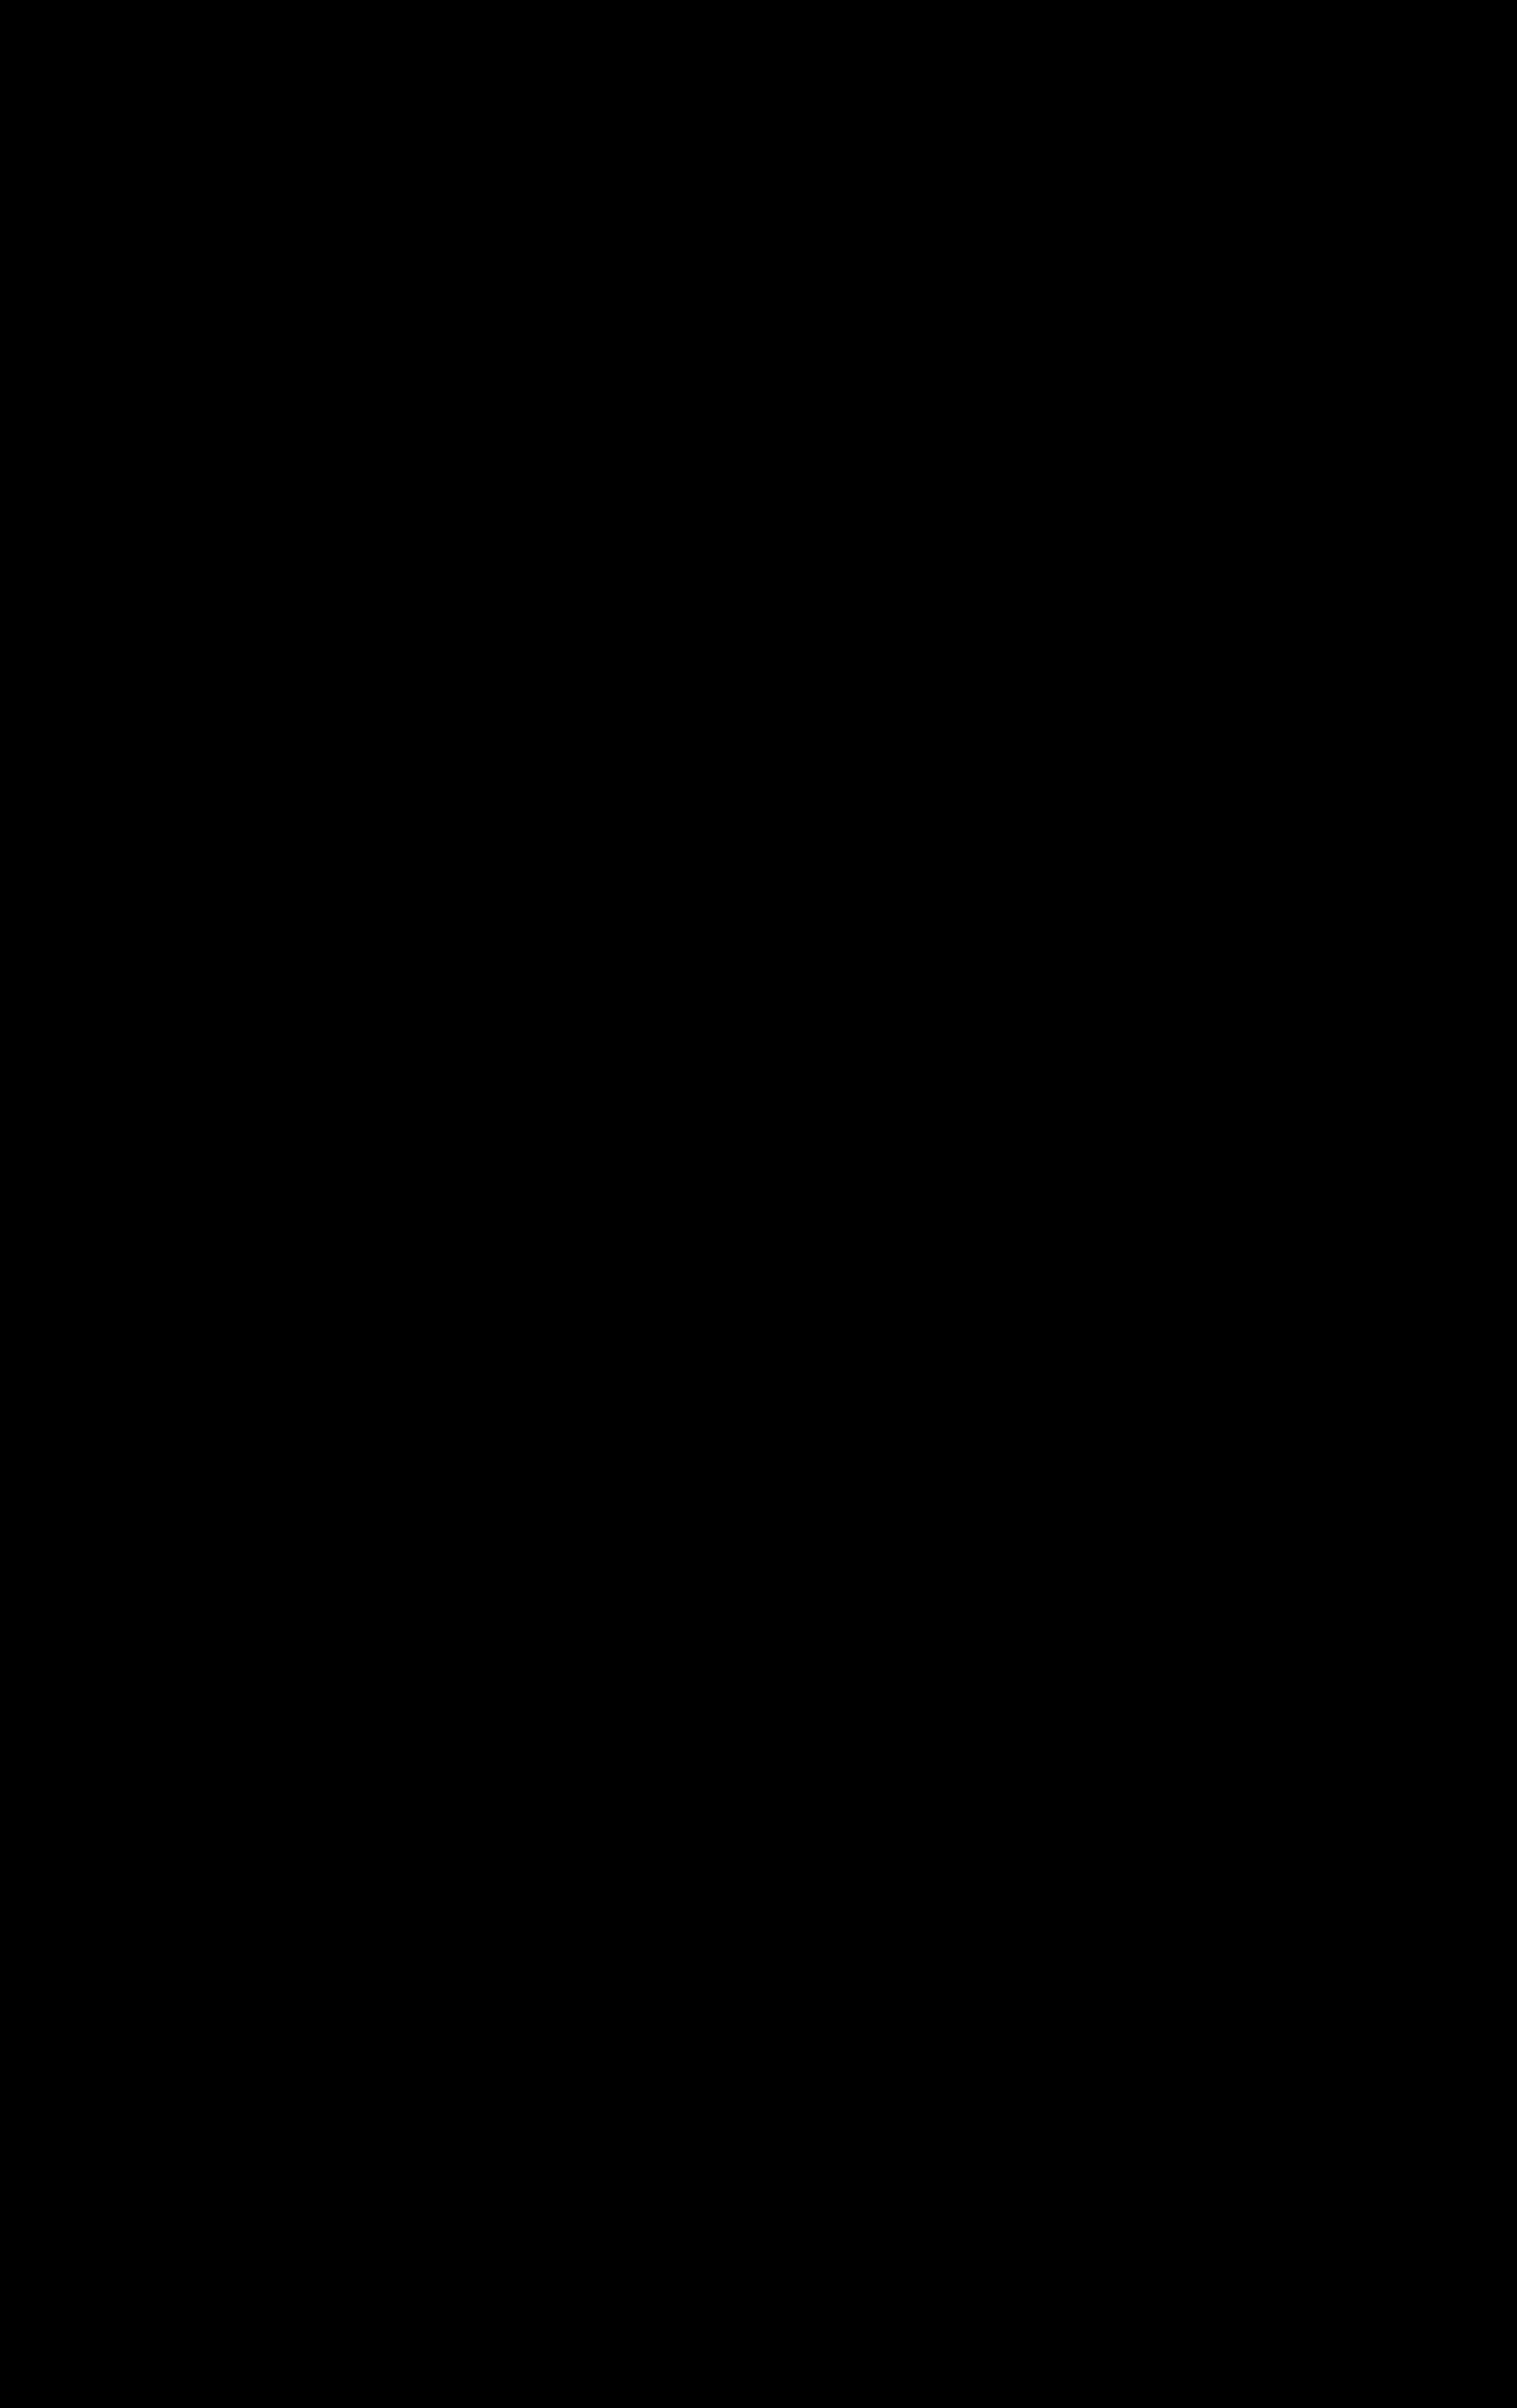 Gustavianischer Stuhlsatz im Nullenmodell